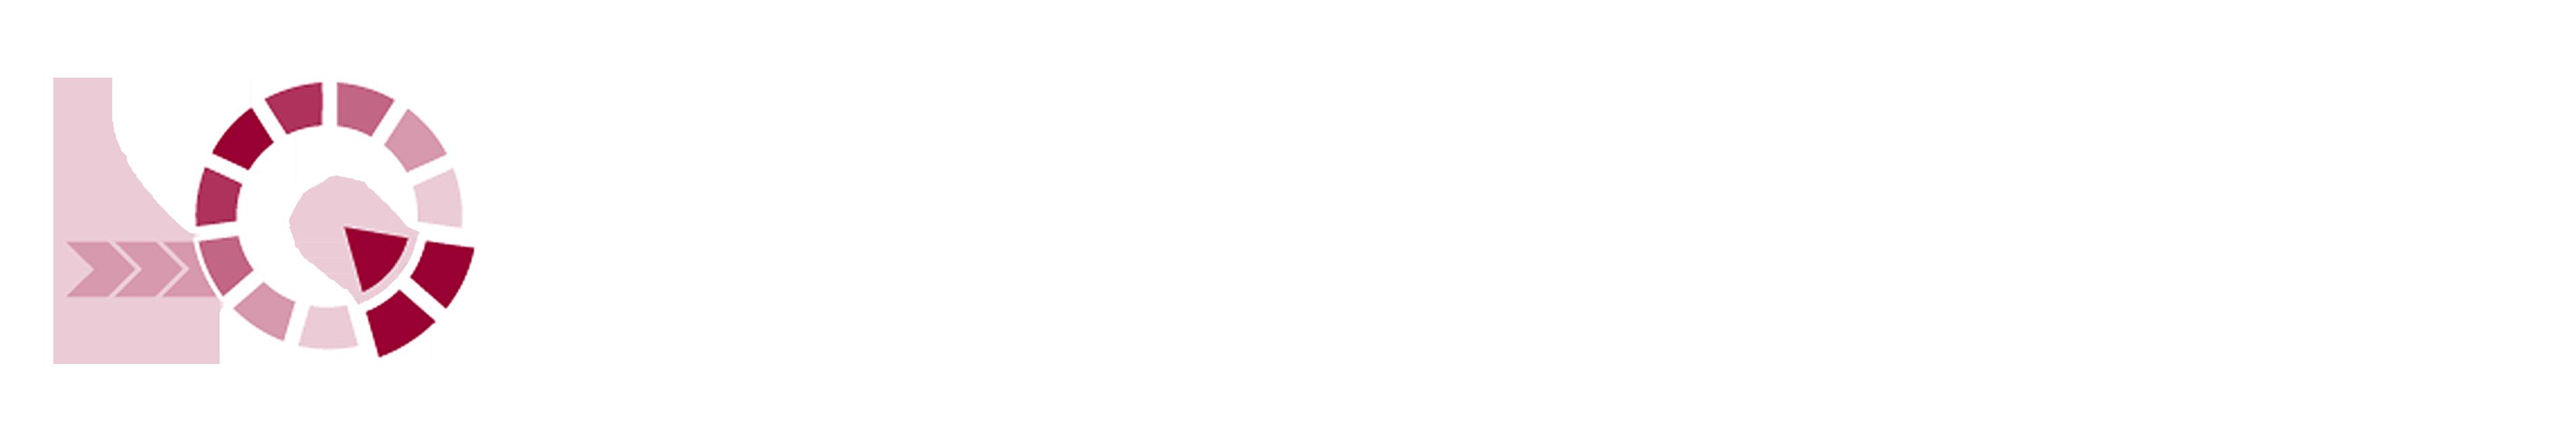 Fachverband Externe Datenschutzbeauftragte e.V.